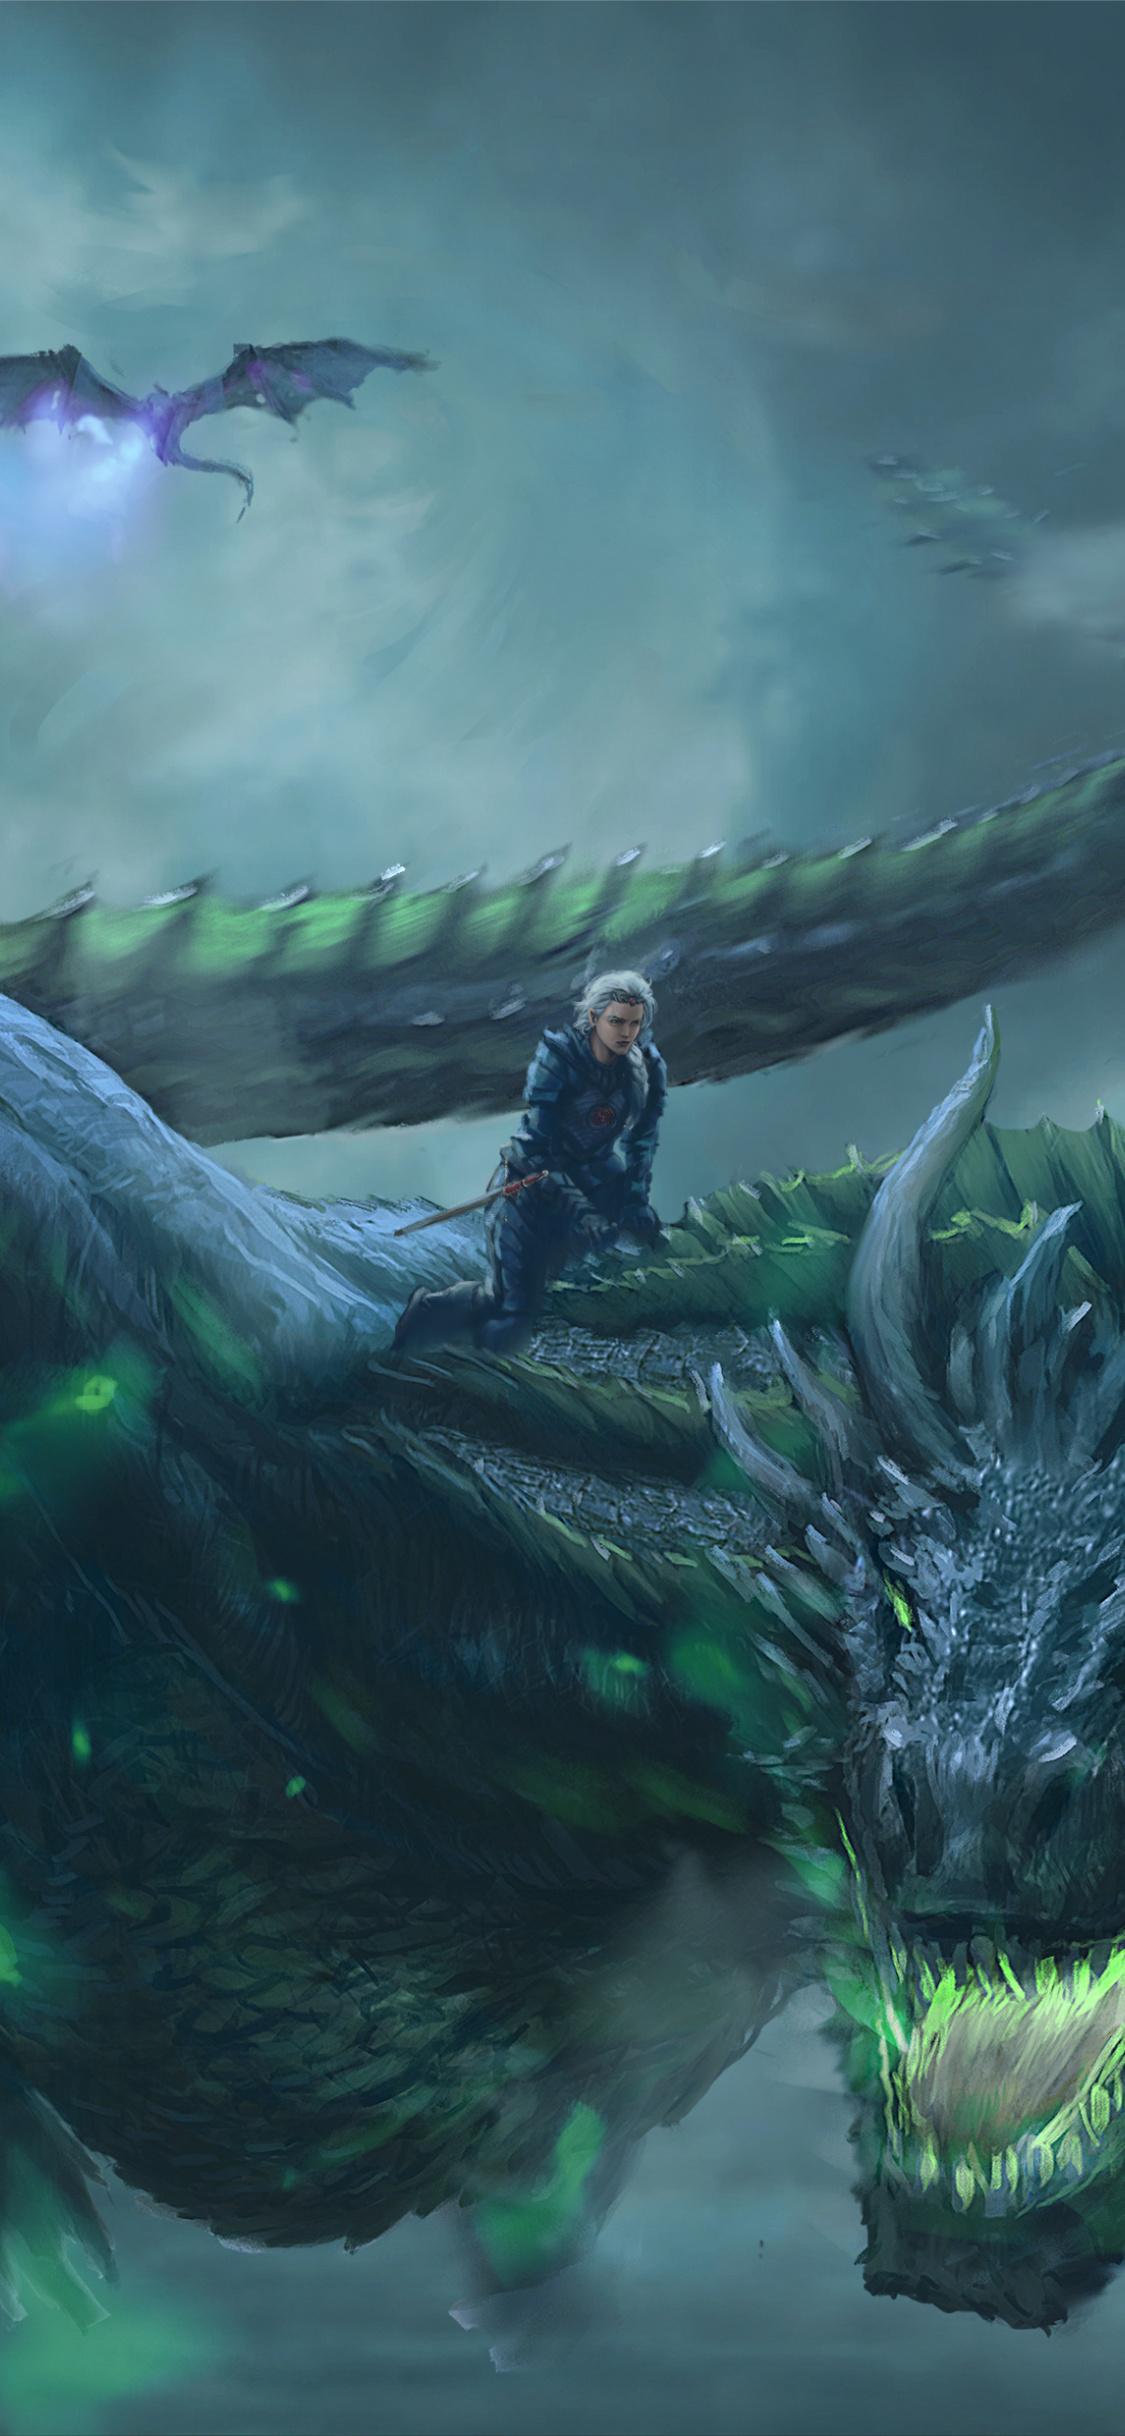 Daenerys Targaryen, Dragon Ride, Game Of Thrones, Digital - Game Of Thrones Dragon Armor - HD Wallpaper